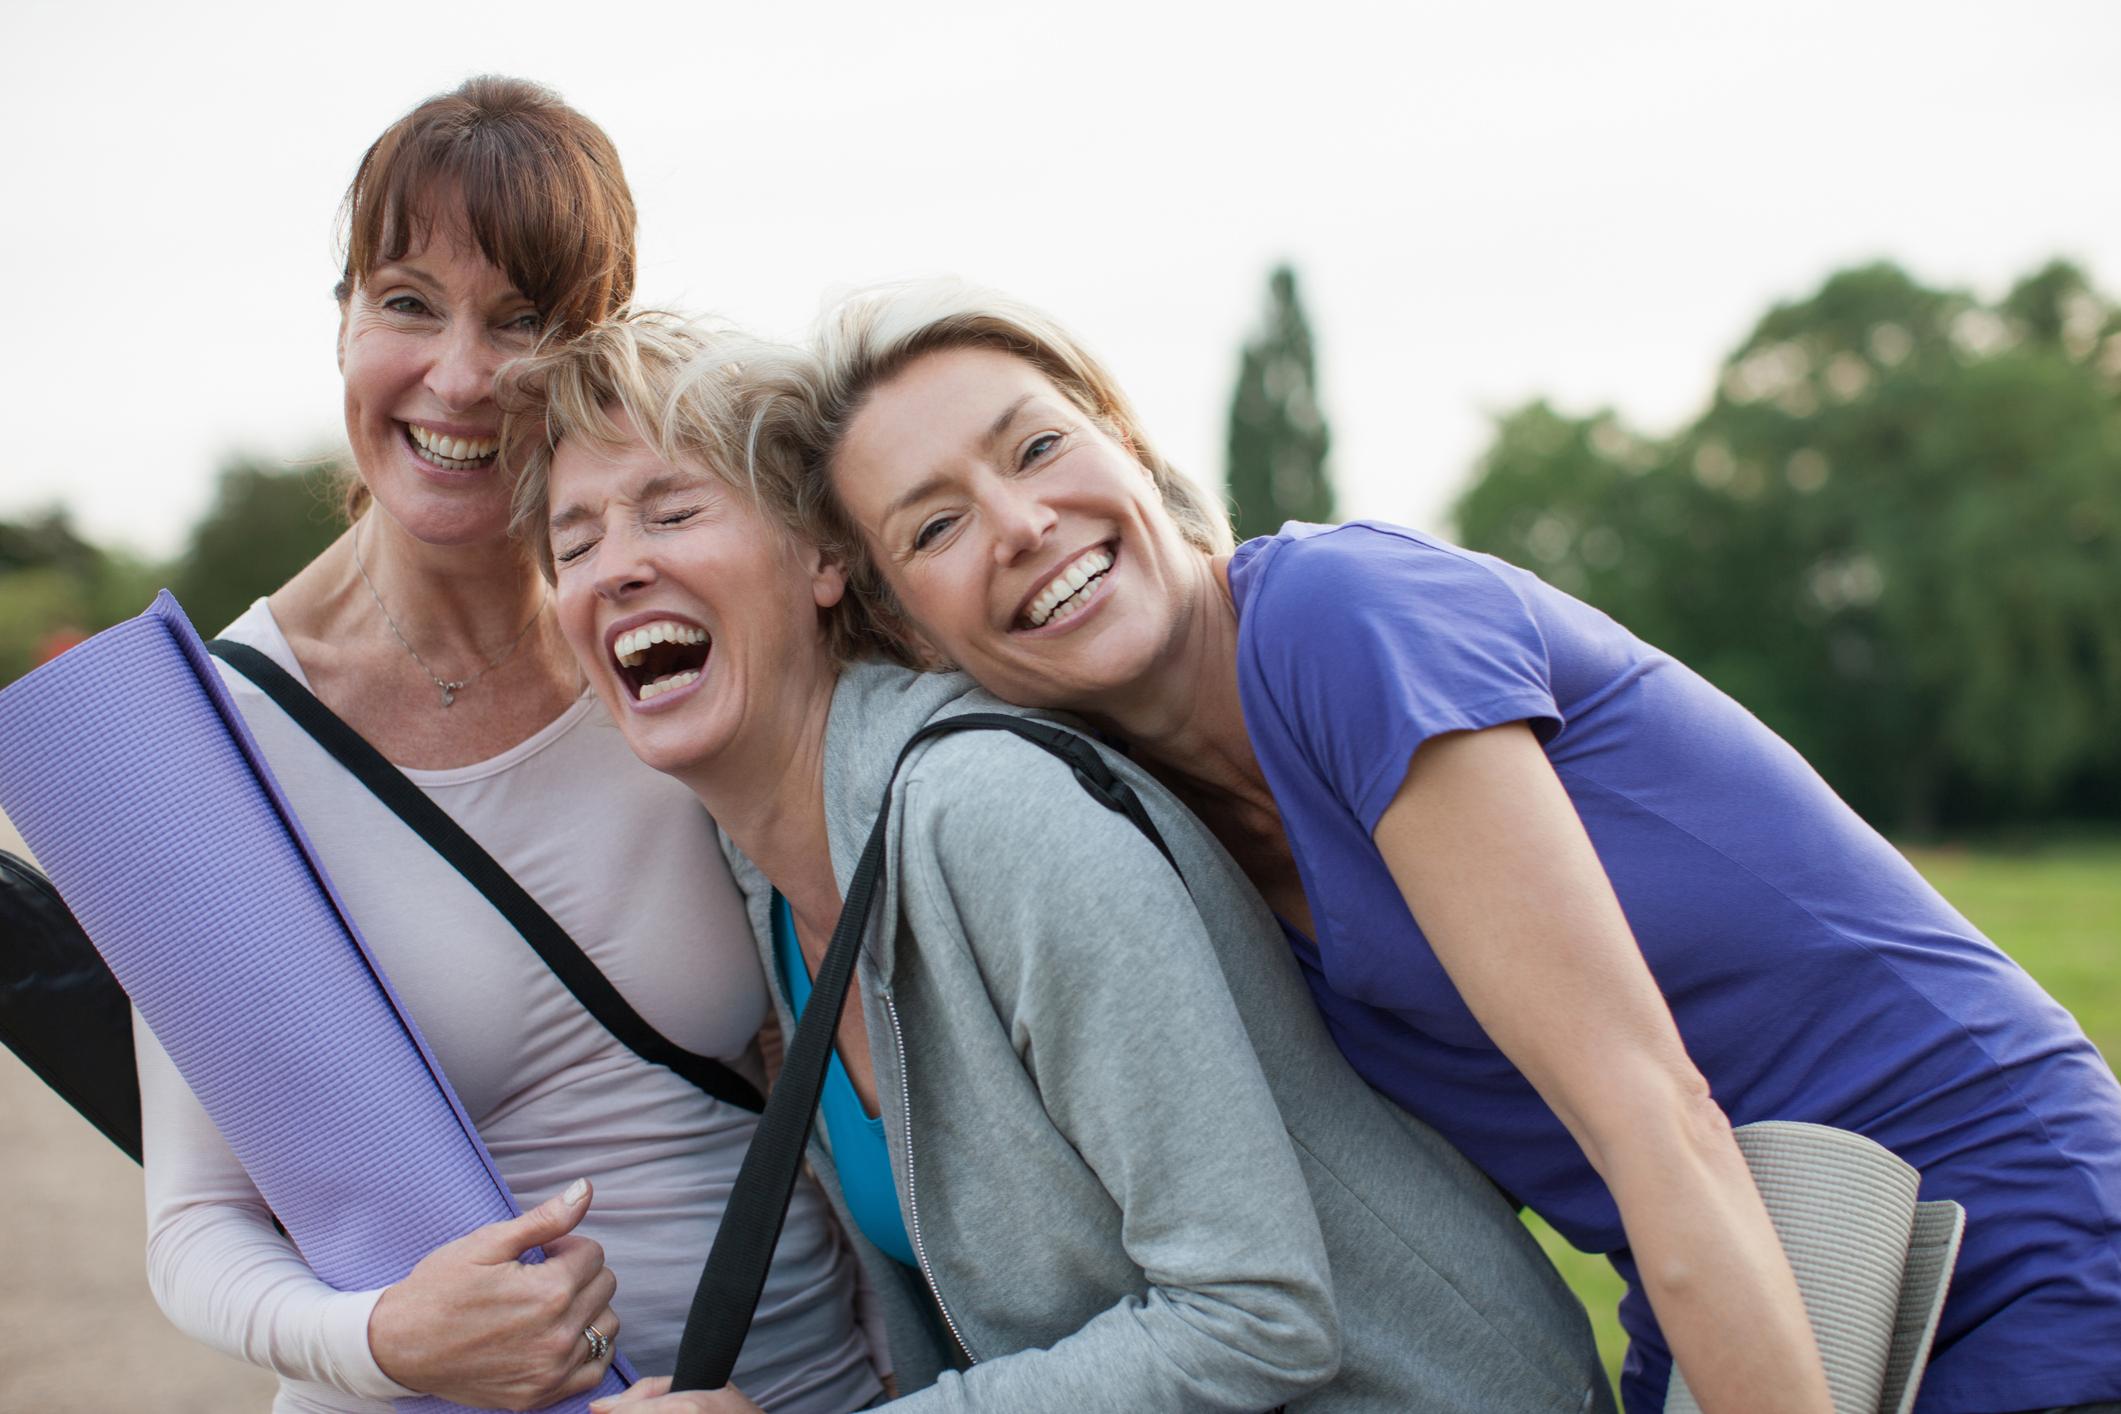 Sport al femminile: come scegliere in base all'età